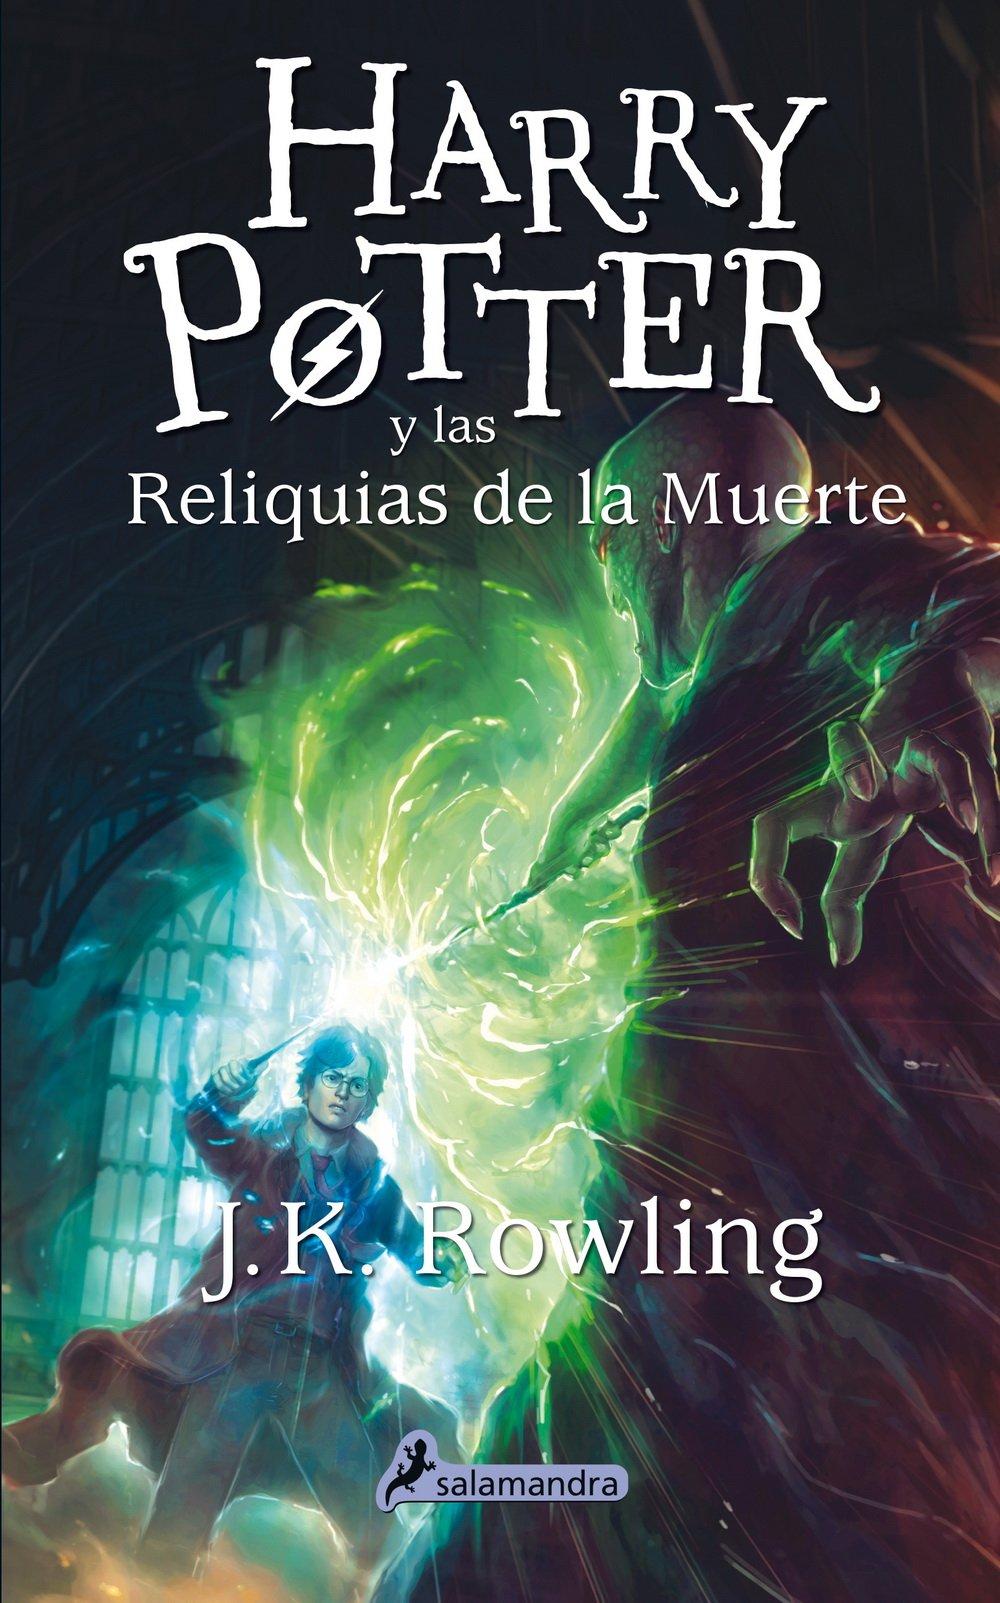 Harry Potter y las Reliquias de la Muerte.jpg